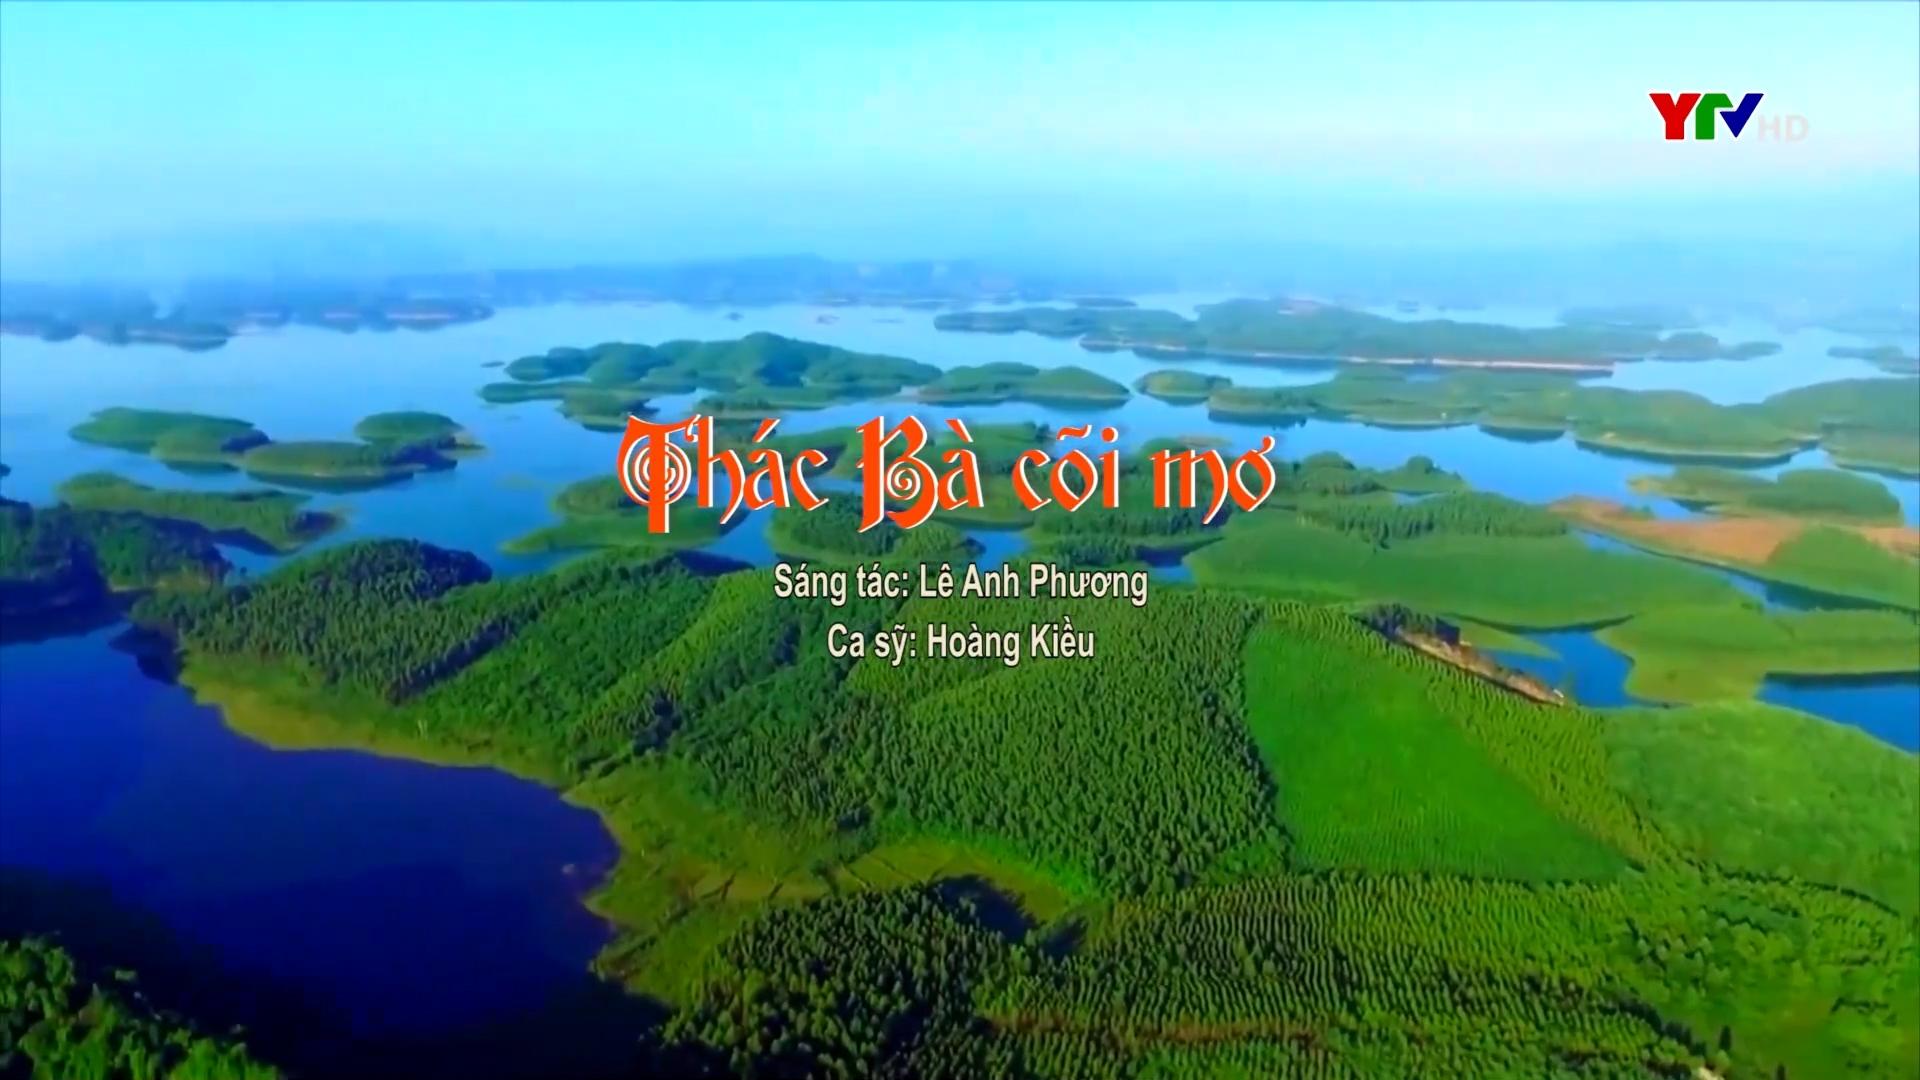 """Giới thiệu bài hát """"Thác Bà cõi mơ"""" của nhạc sỹ Lê Anh Phương"""